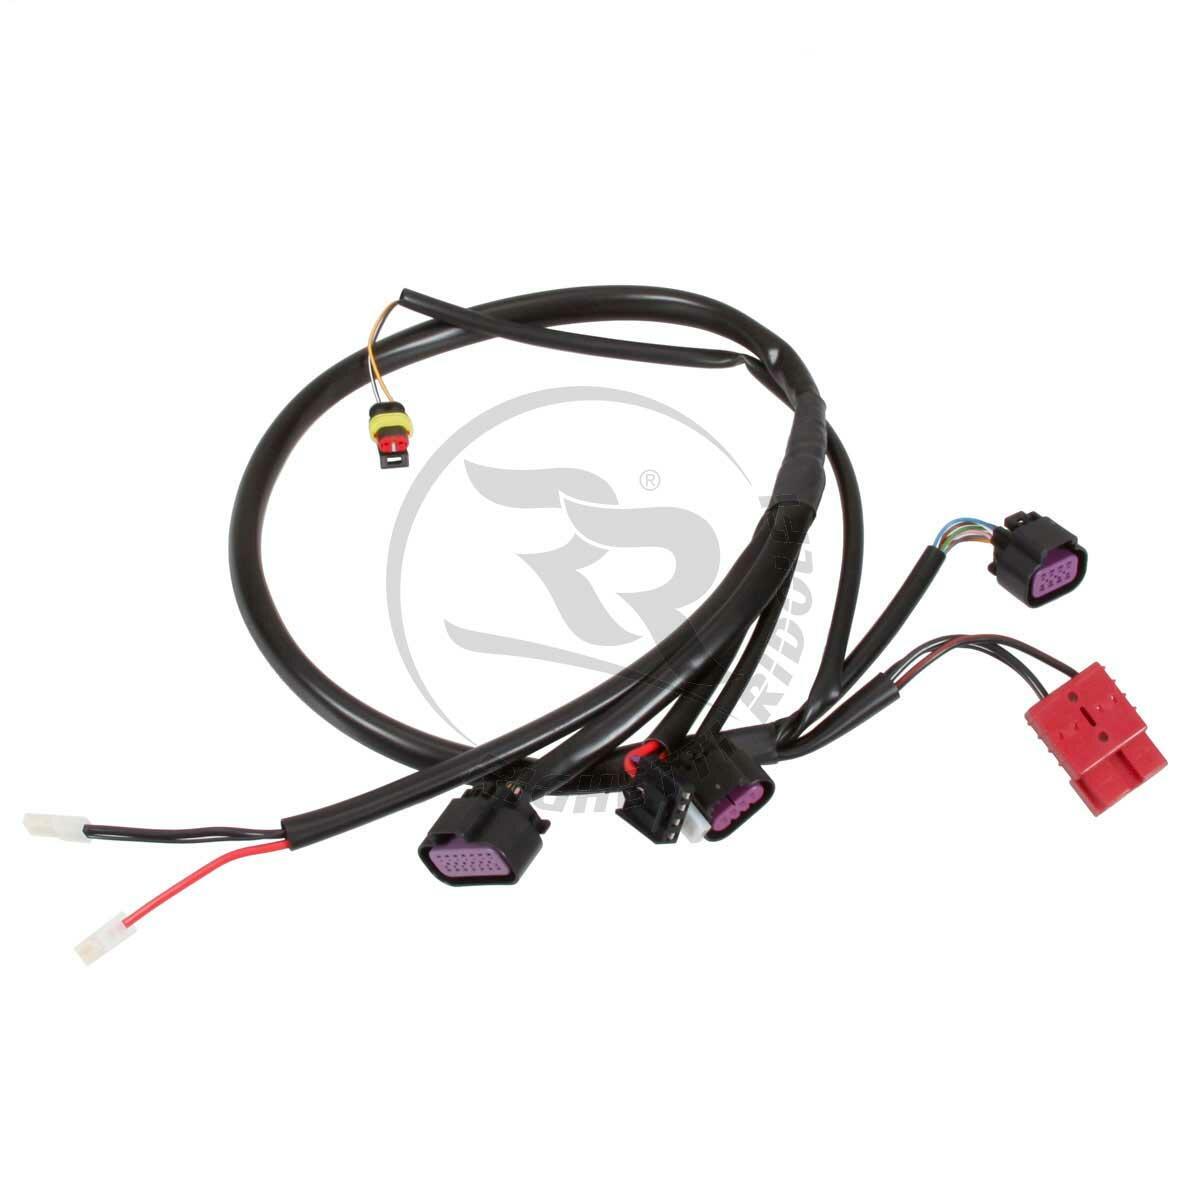 hight resolution of vortex wiring harness wiring diagram fascinating vortex wiring harness